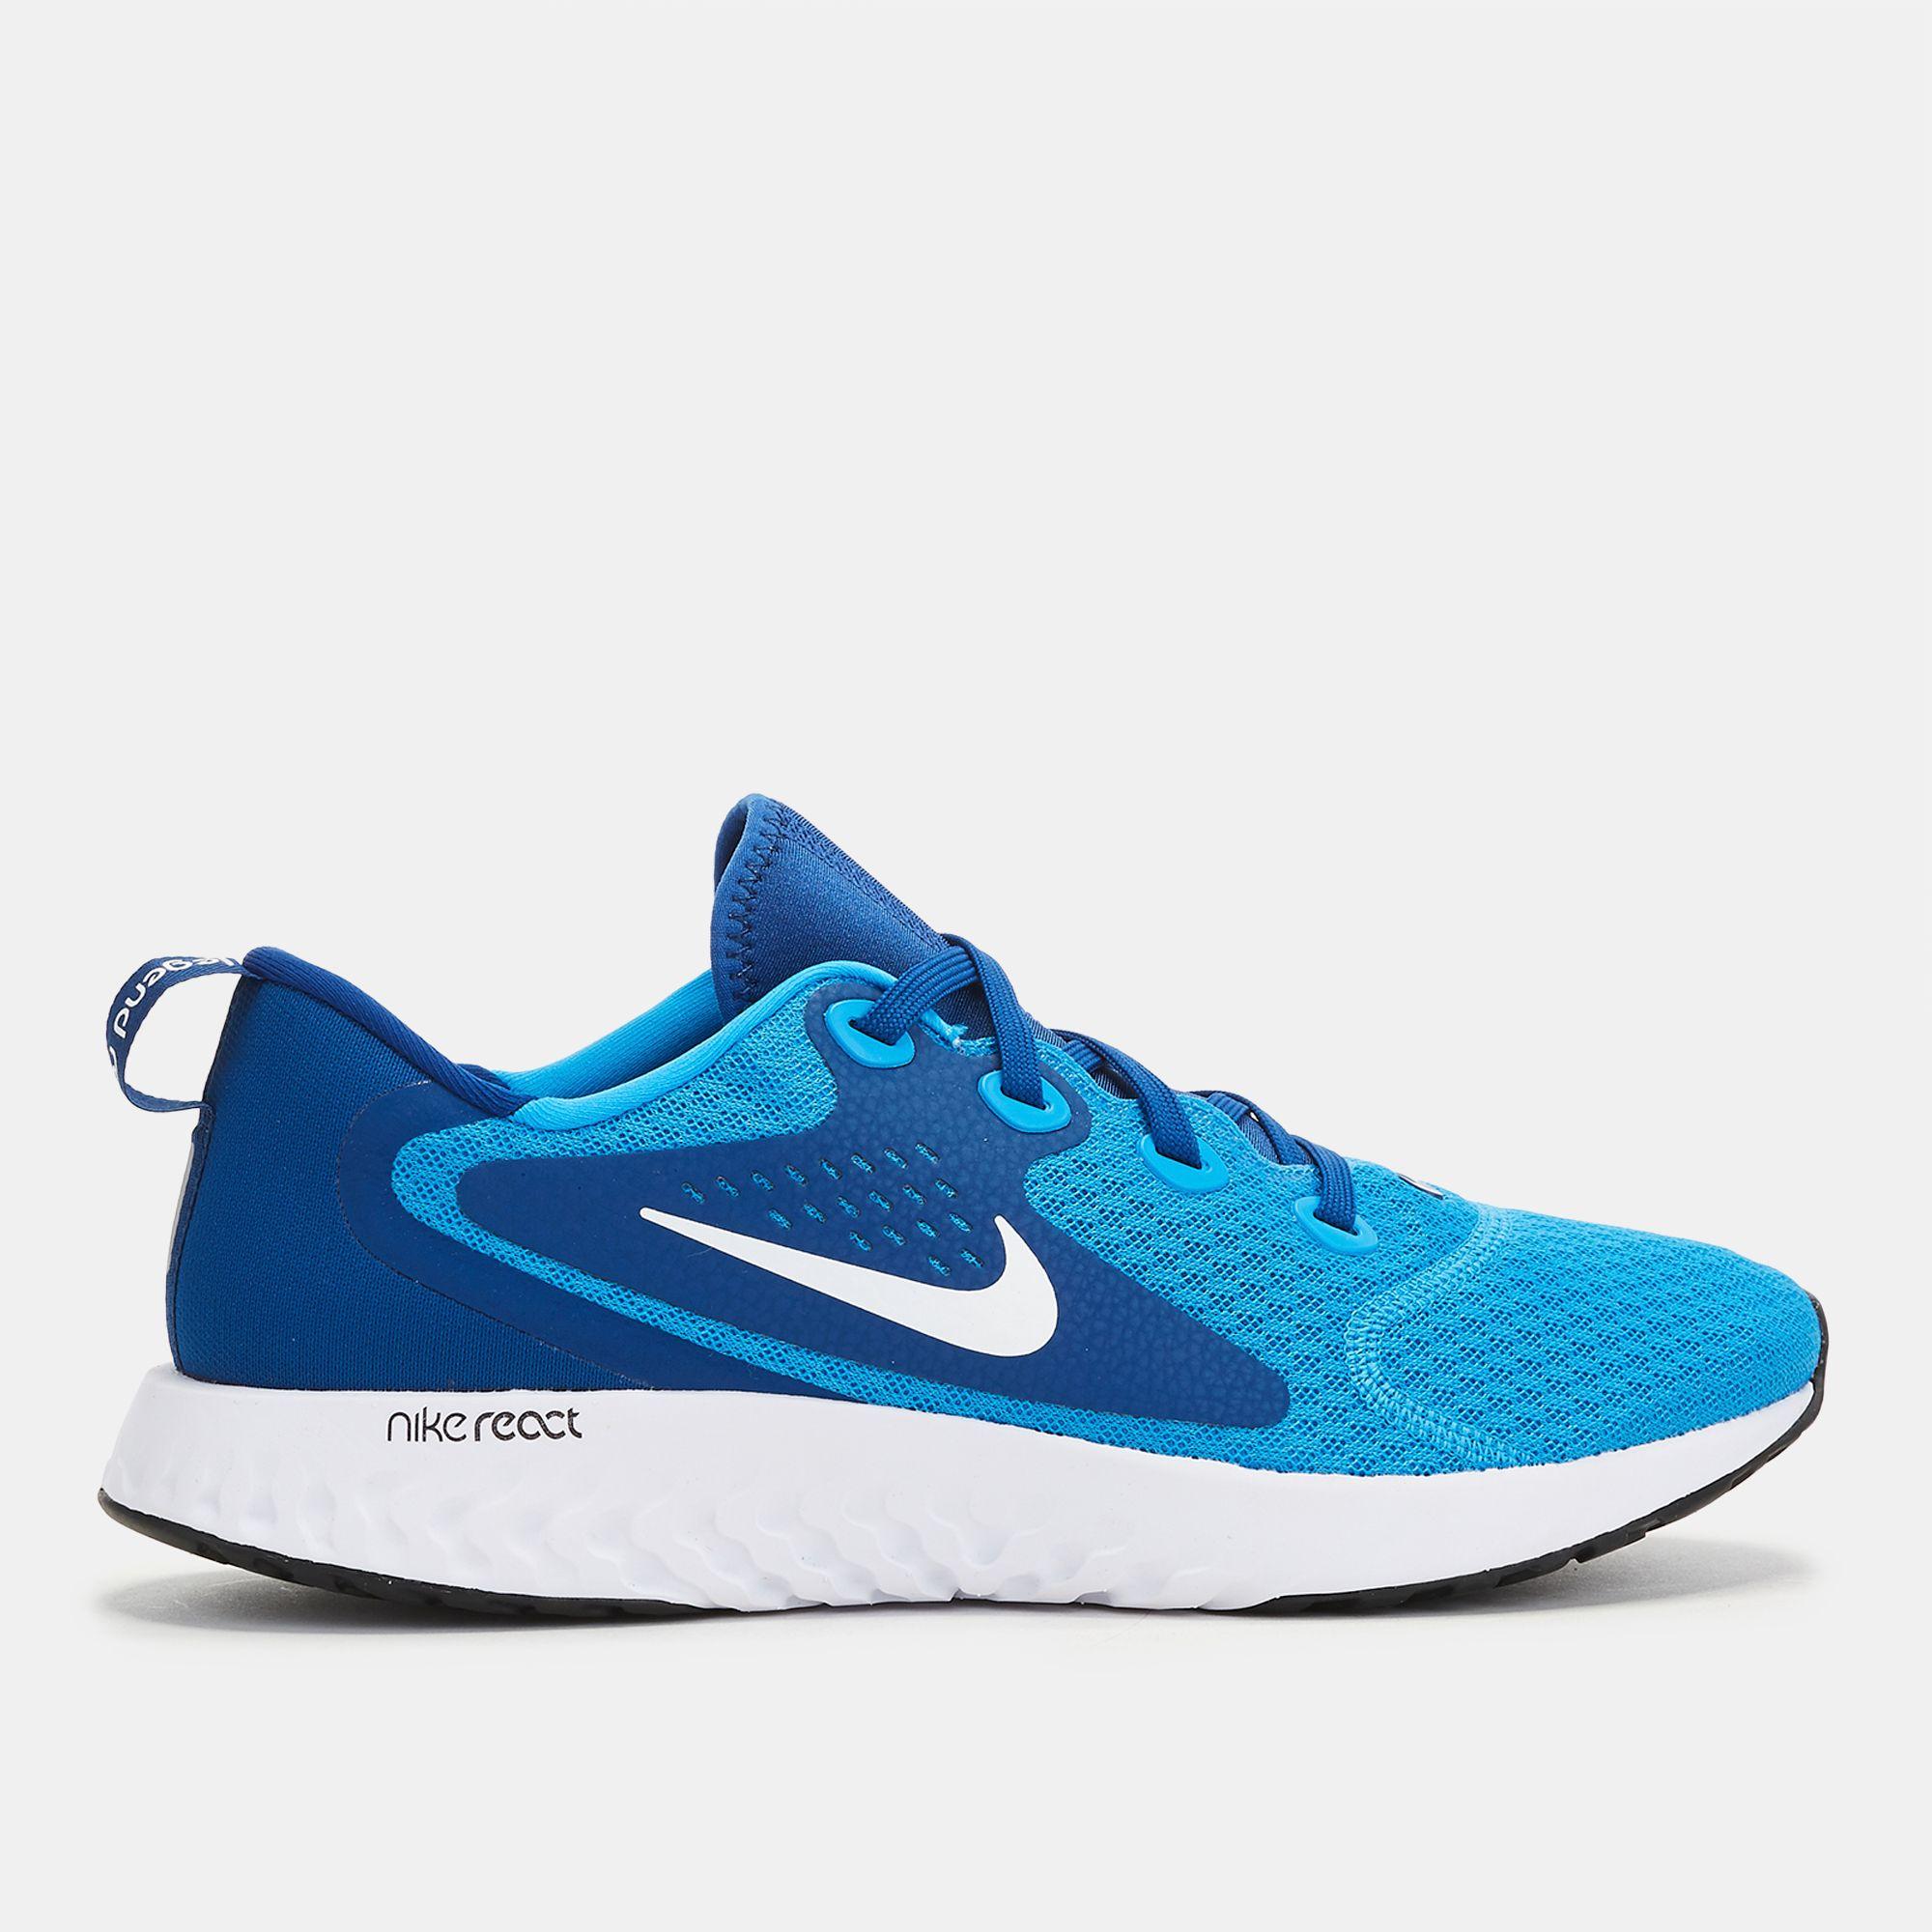 691af7ac5c2 Nike Rebel React Running Shoe